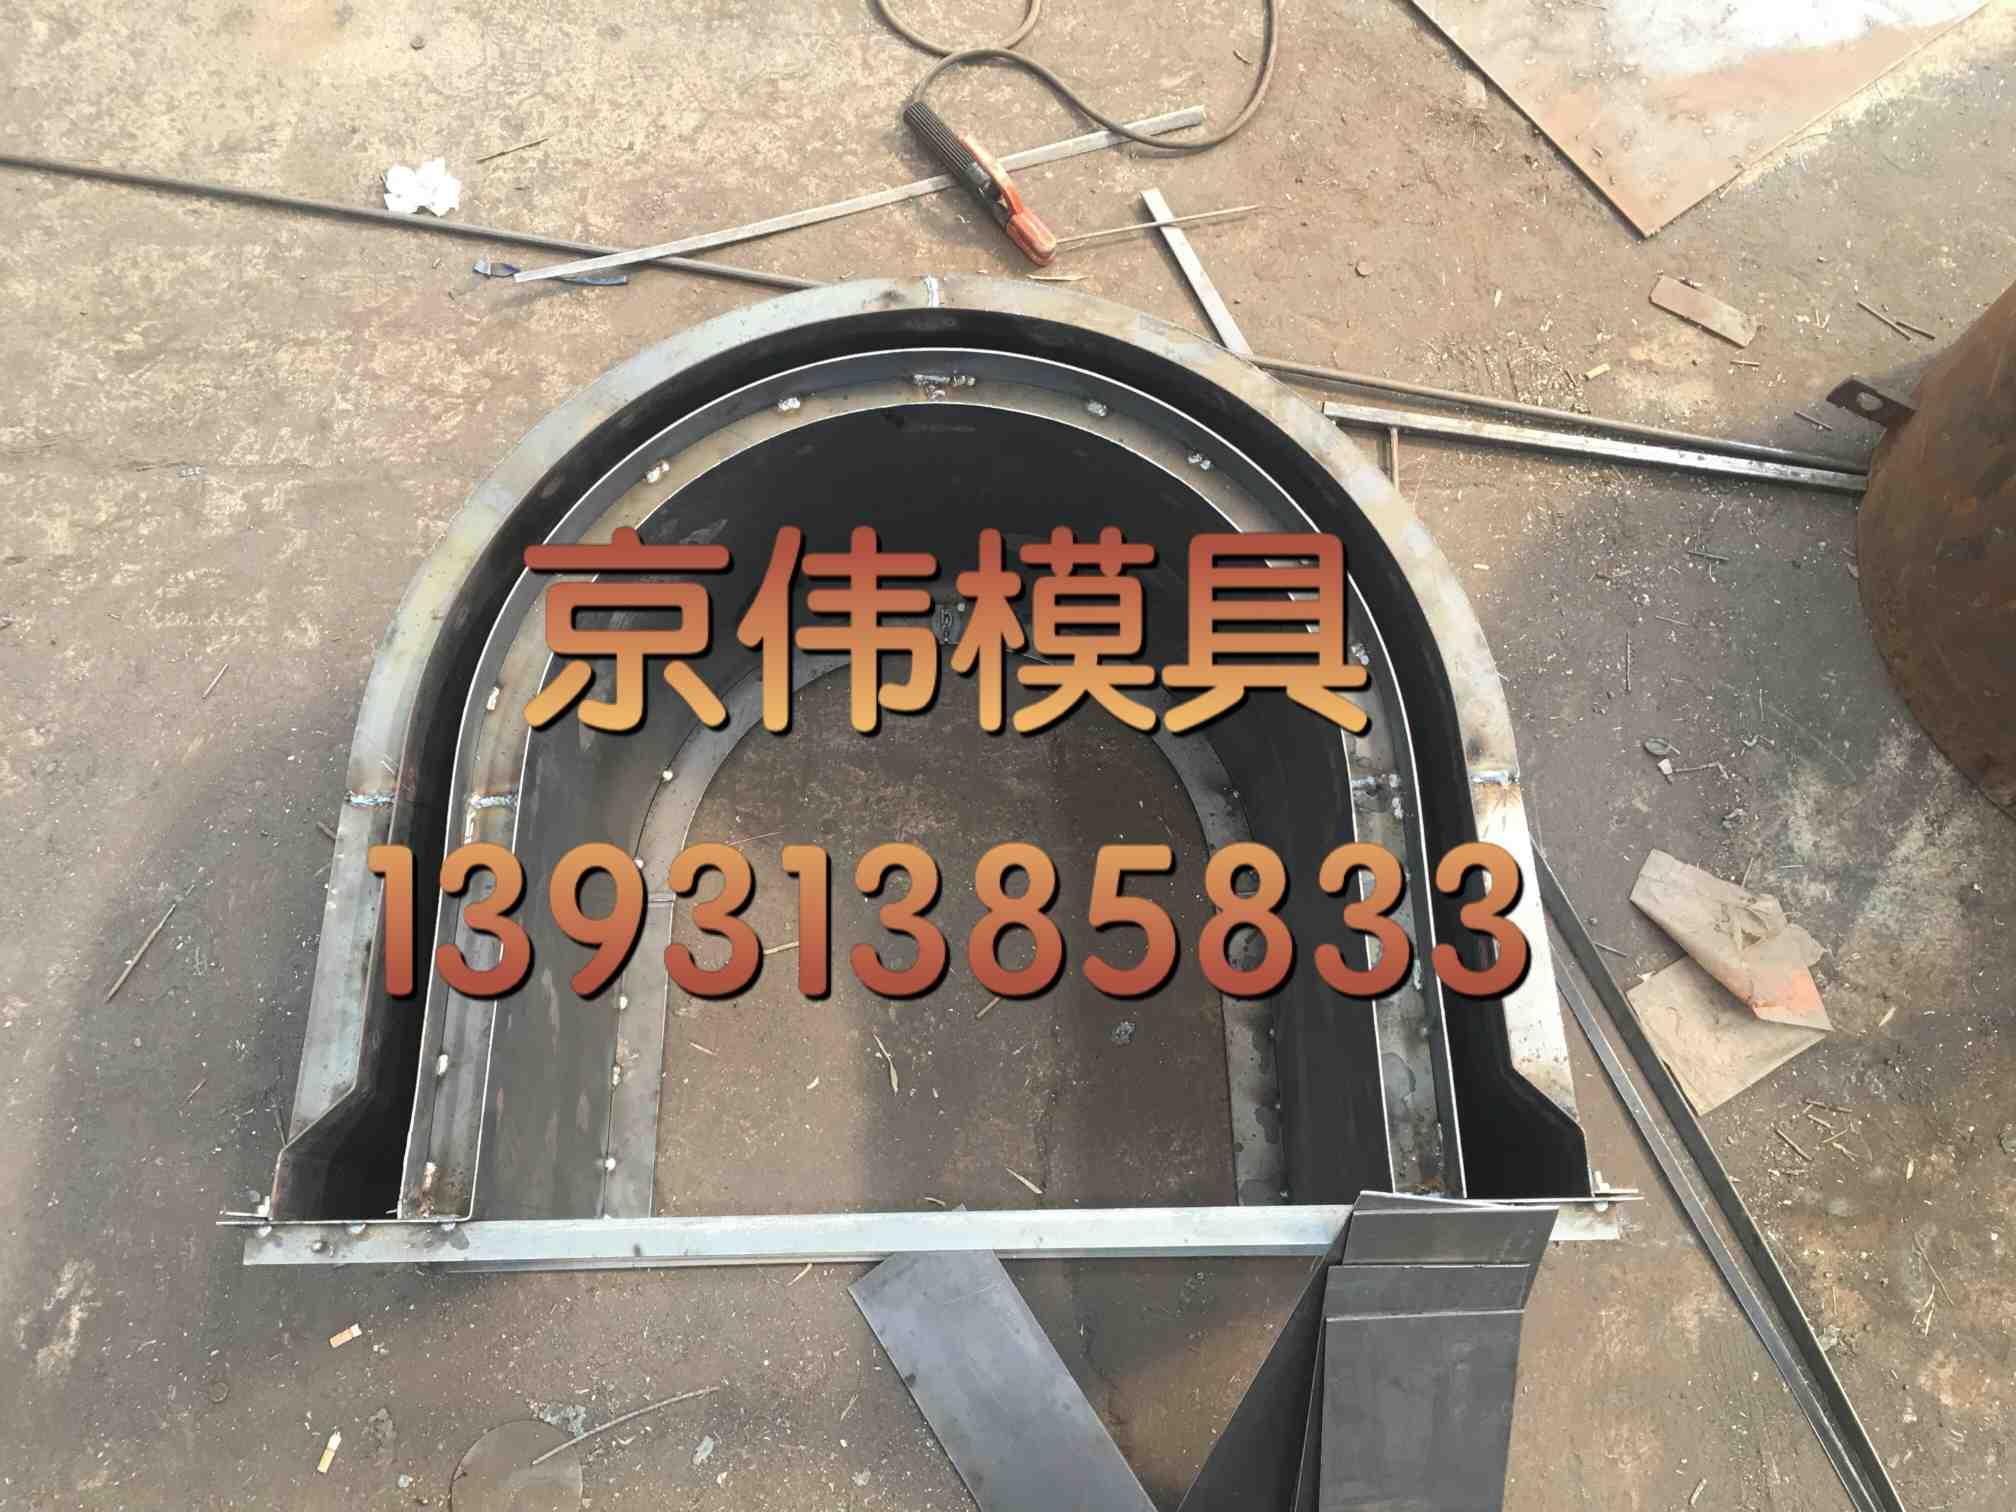 京伟水泥U型槽模具高速公路流水槽模具厂家